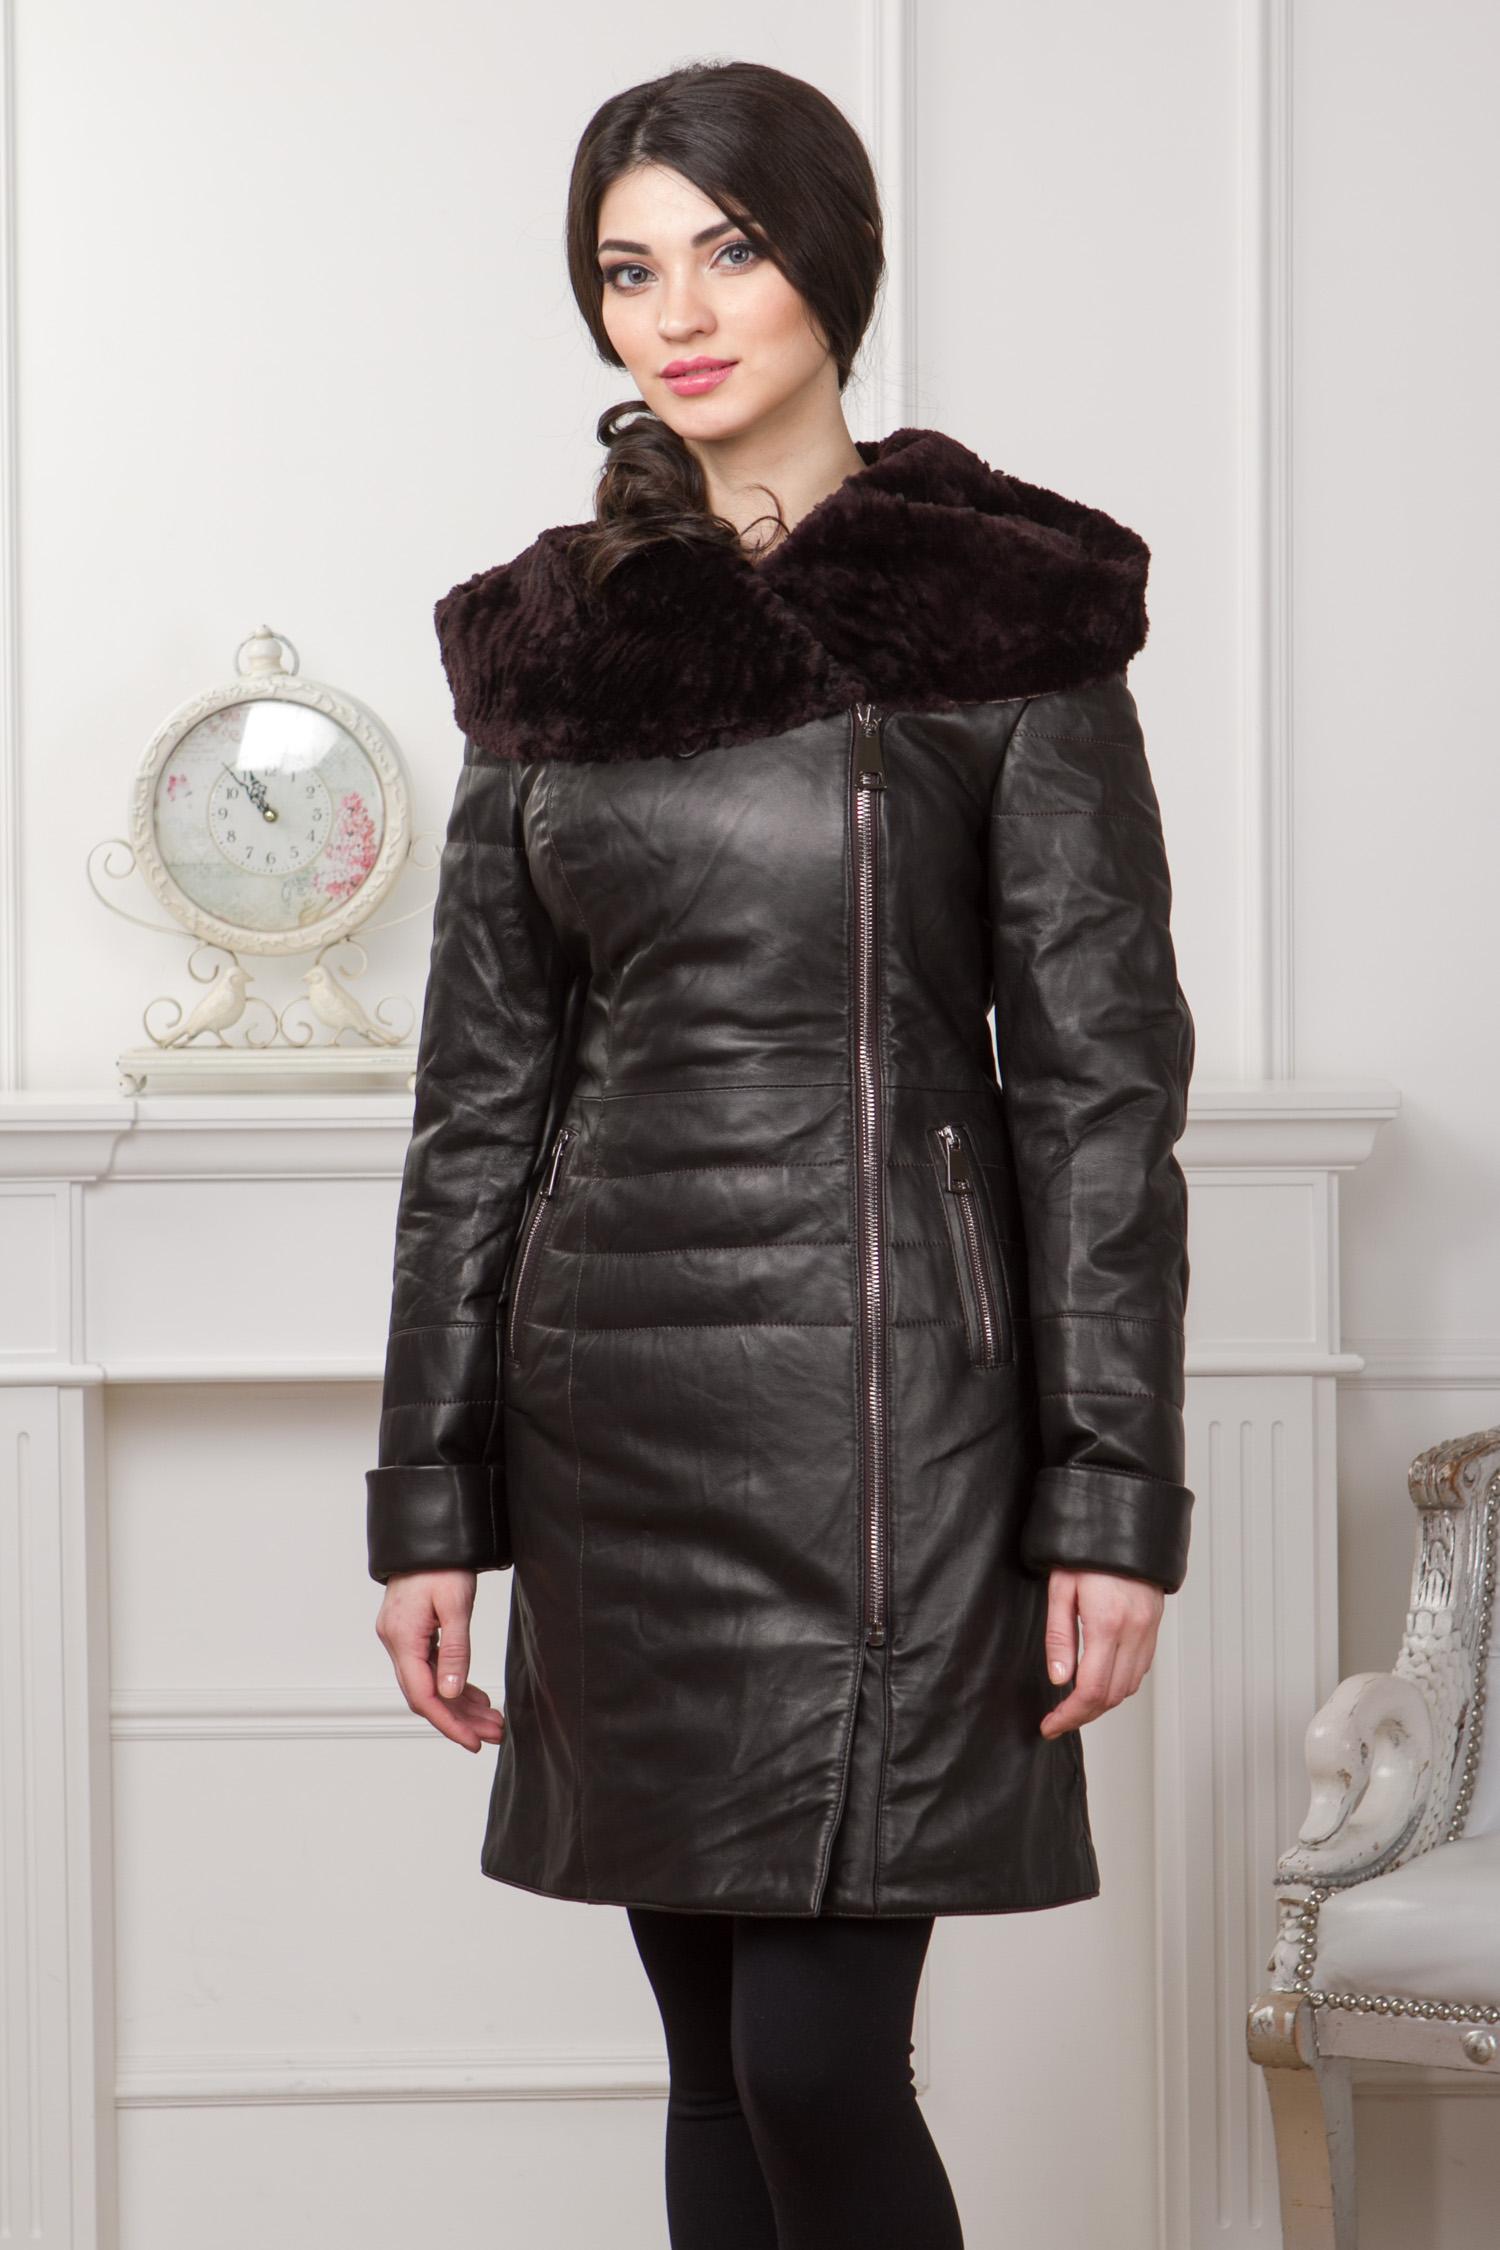 Женская кожаная куртка из натуральной кожи с капюшоном, отделка мутон